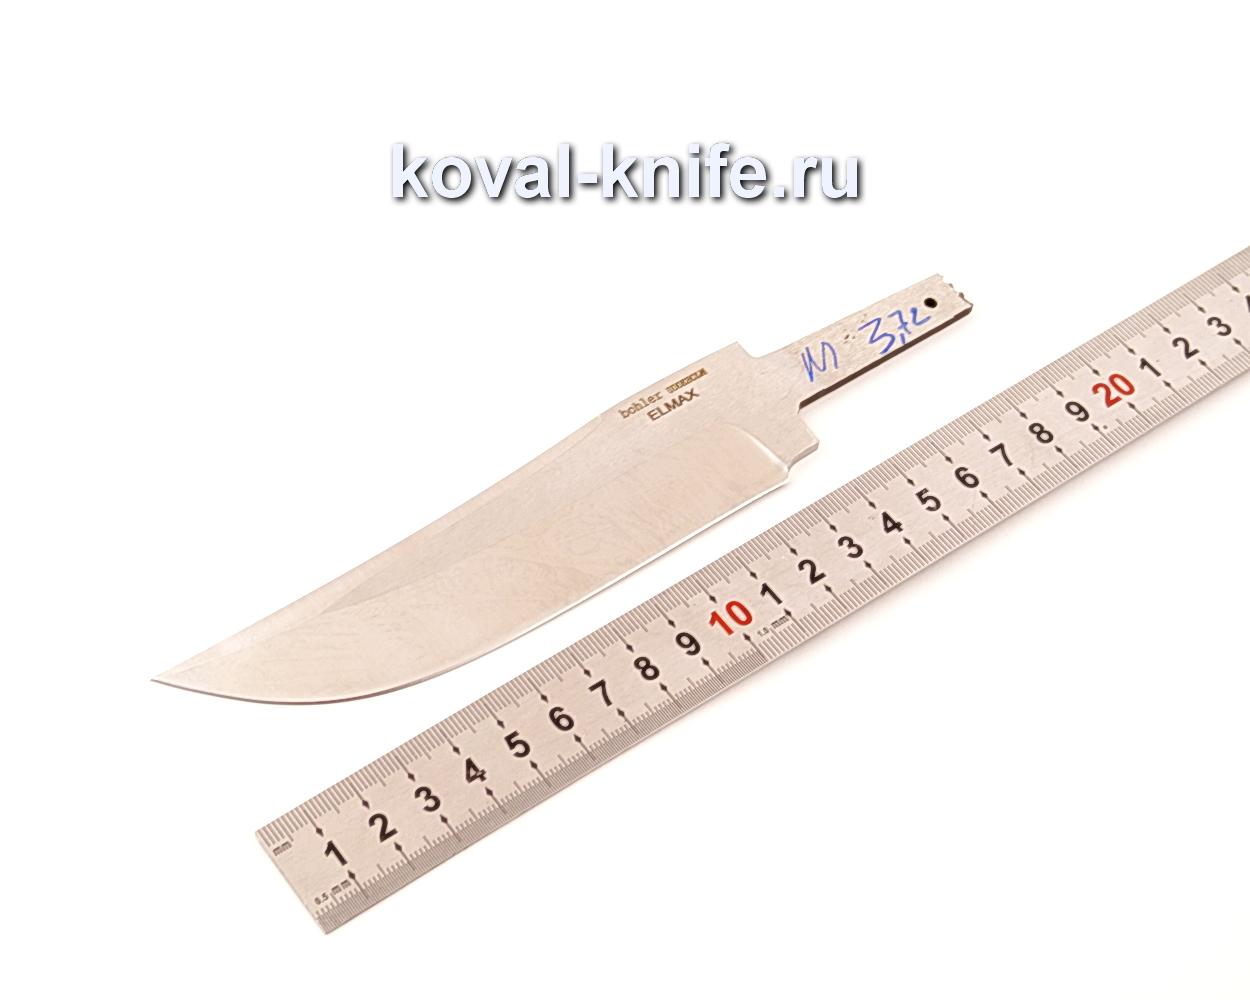 Клинок для ножа из порошковой стали Elmax N1